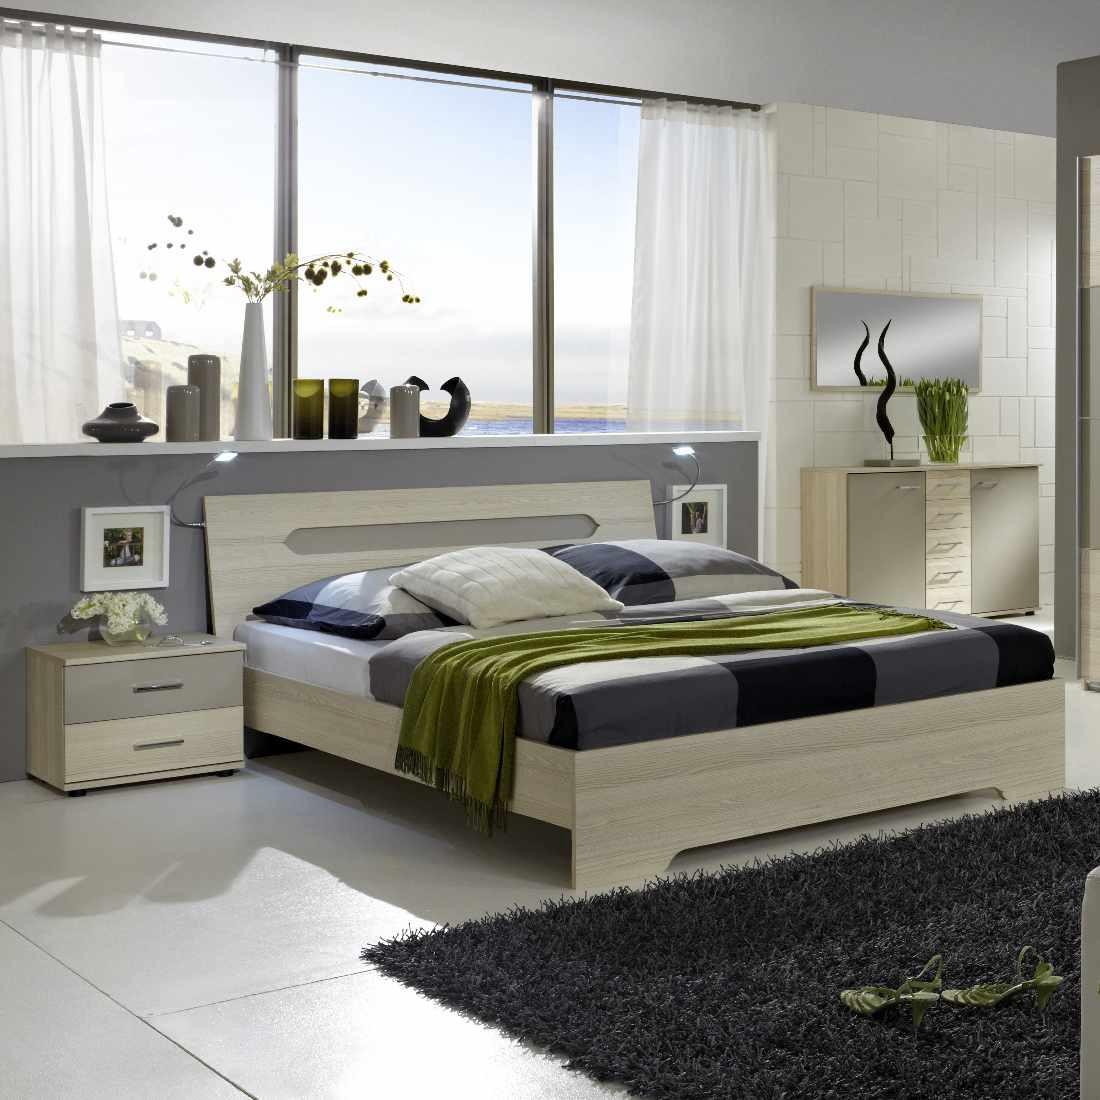 Bettkombination Bologna (3-teilig) – Strukturesche/Sandgrau – Bettbreite: 180 cm, 2 Nachtschrank, Wimex jetzt kaufen